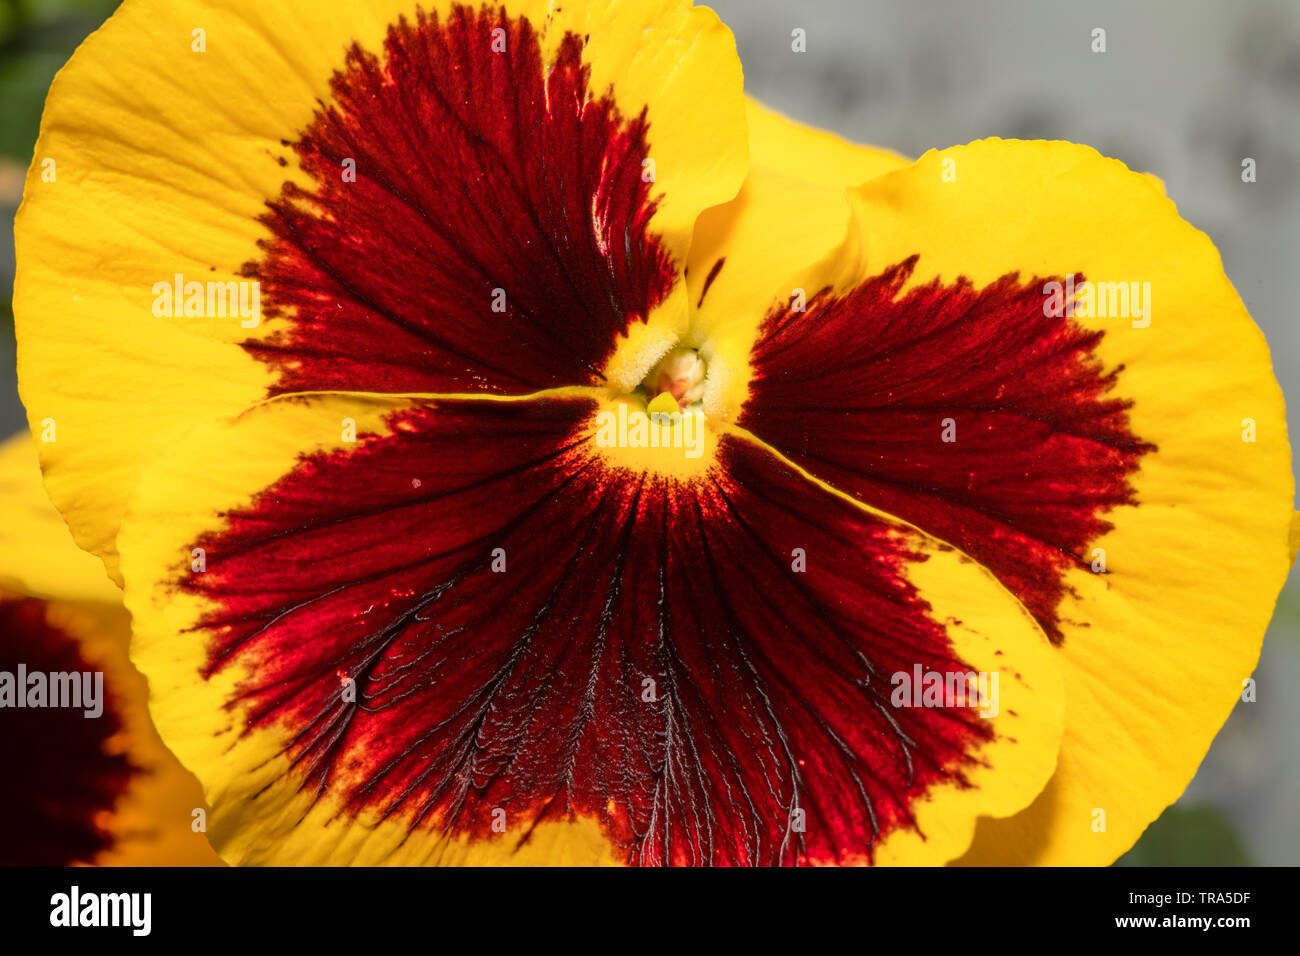 Gelbe Stiefmütterchen Blume innen, Staubgefäße und Pollen und Blütenblätter. Ganzer Bildschirm Hintergrund, Wallpapers. Stockbild